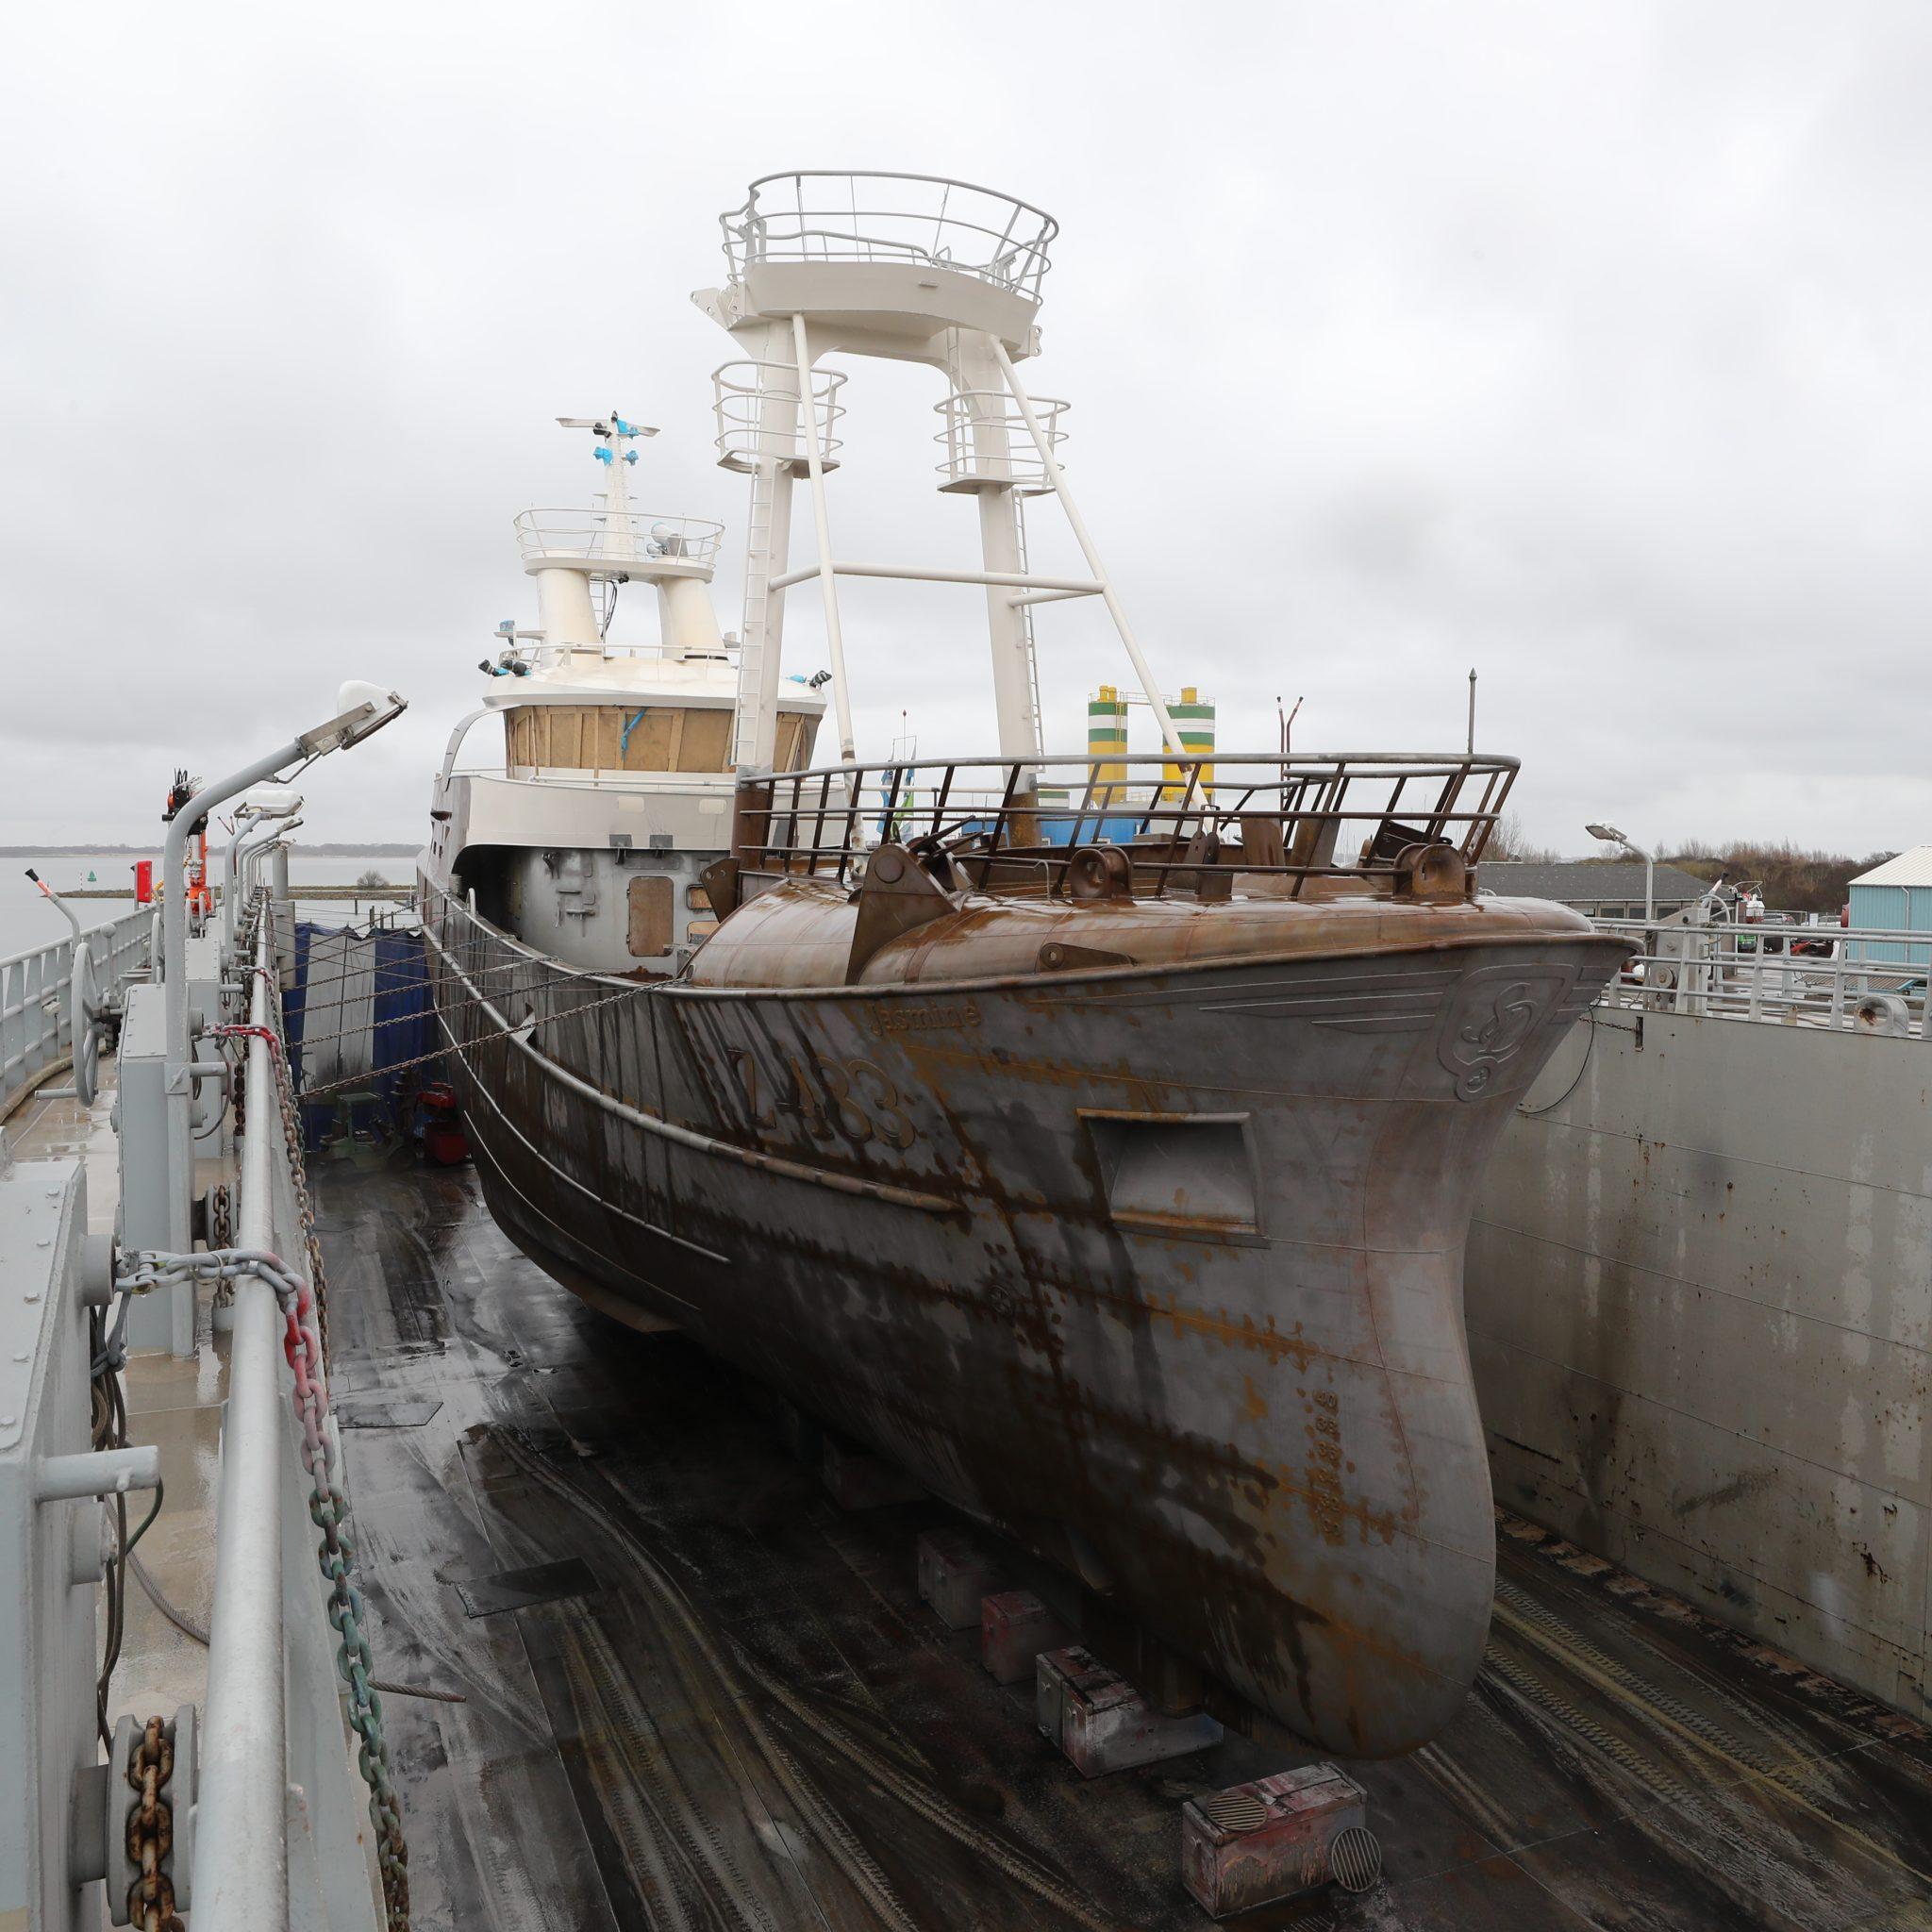 De nieuwe Z-483 in het dok van Padmos. (Foto Bram Pronk)